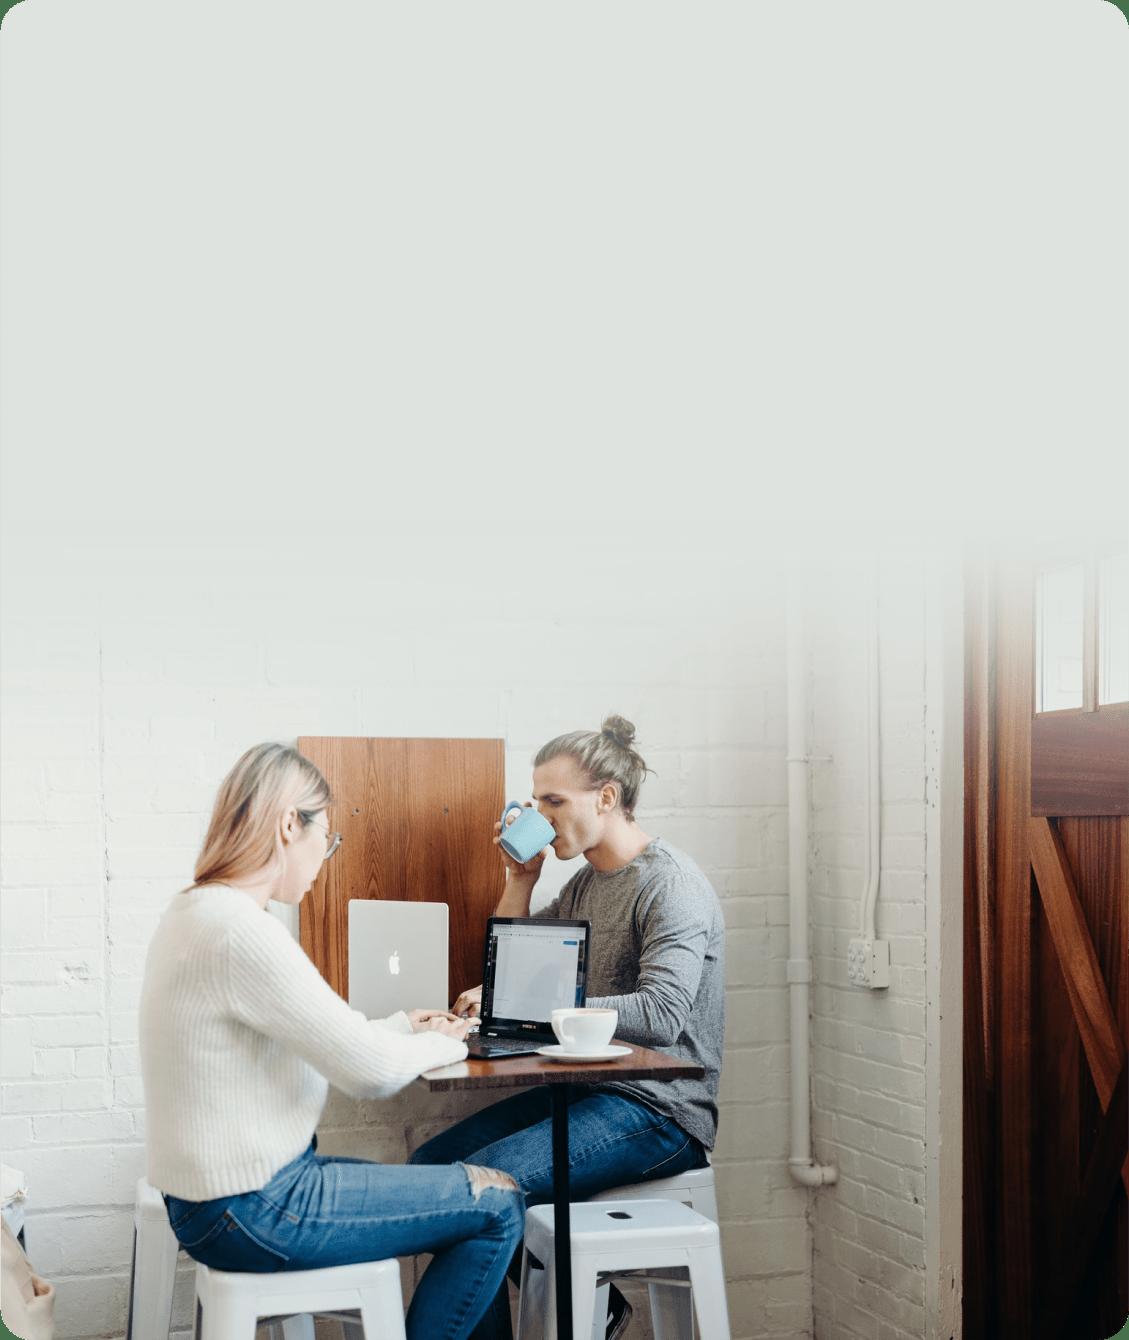 На фото парень и девушка работаю в офисе